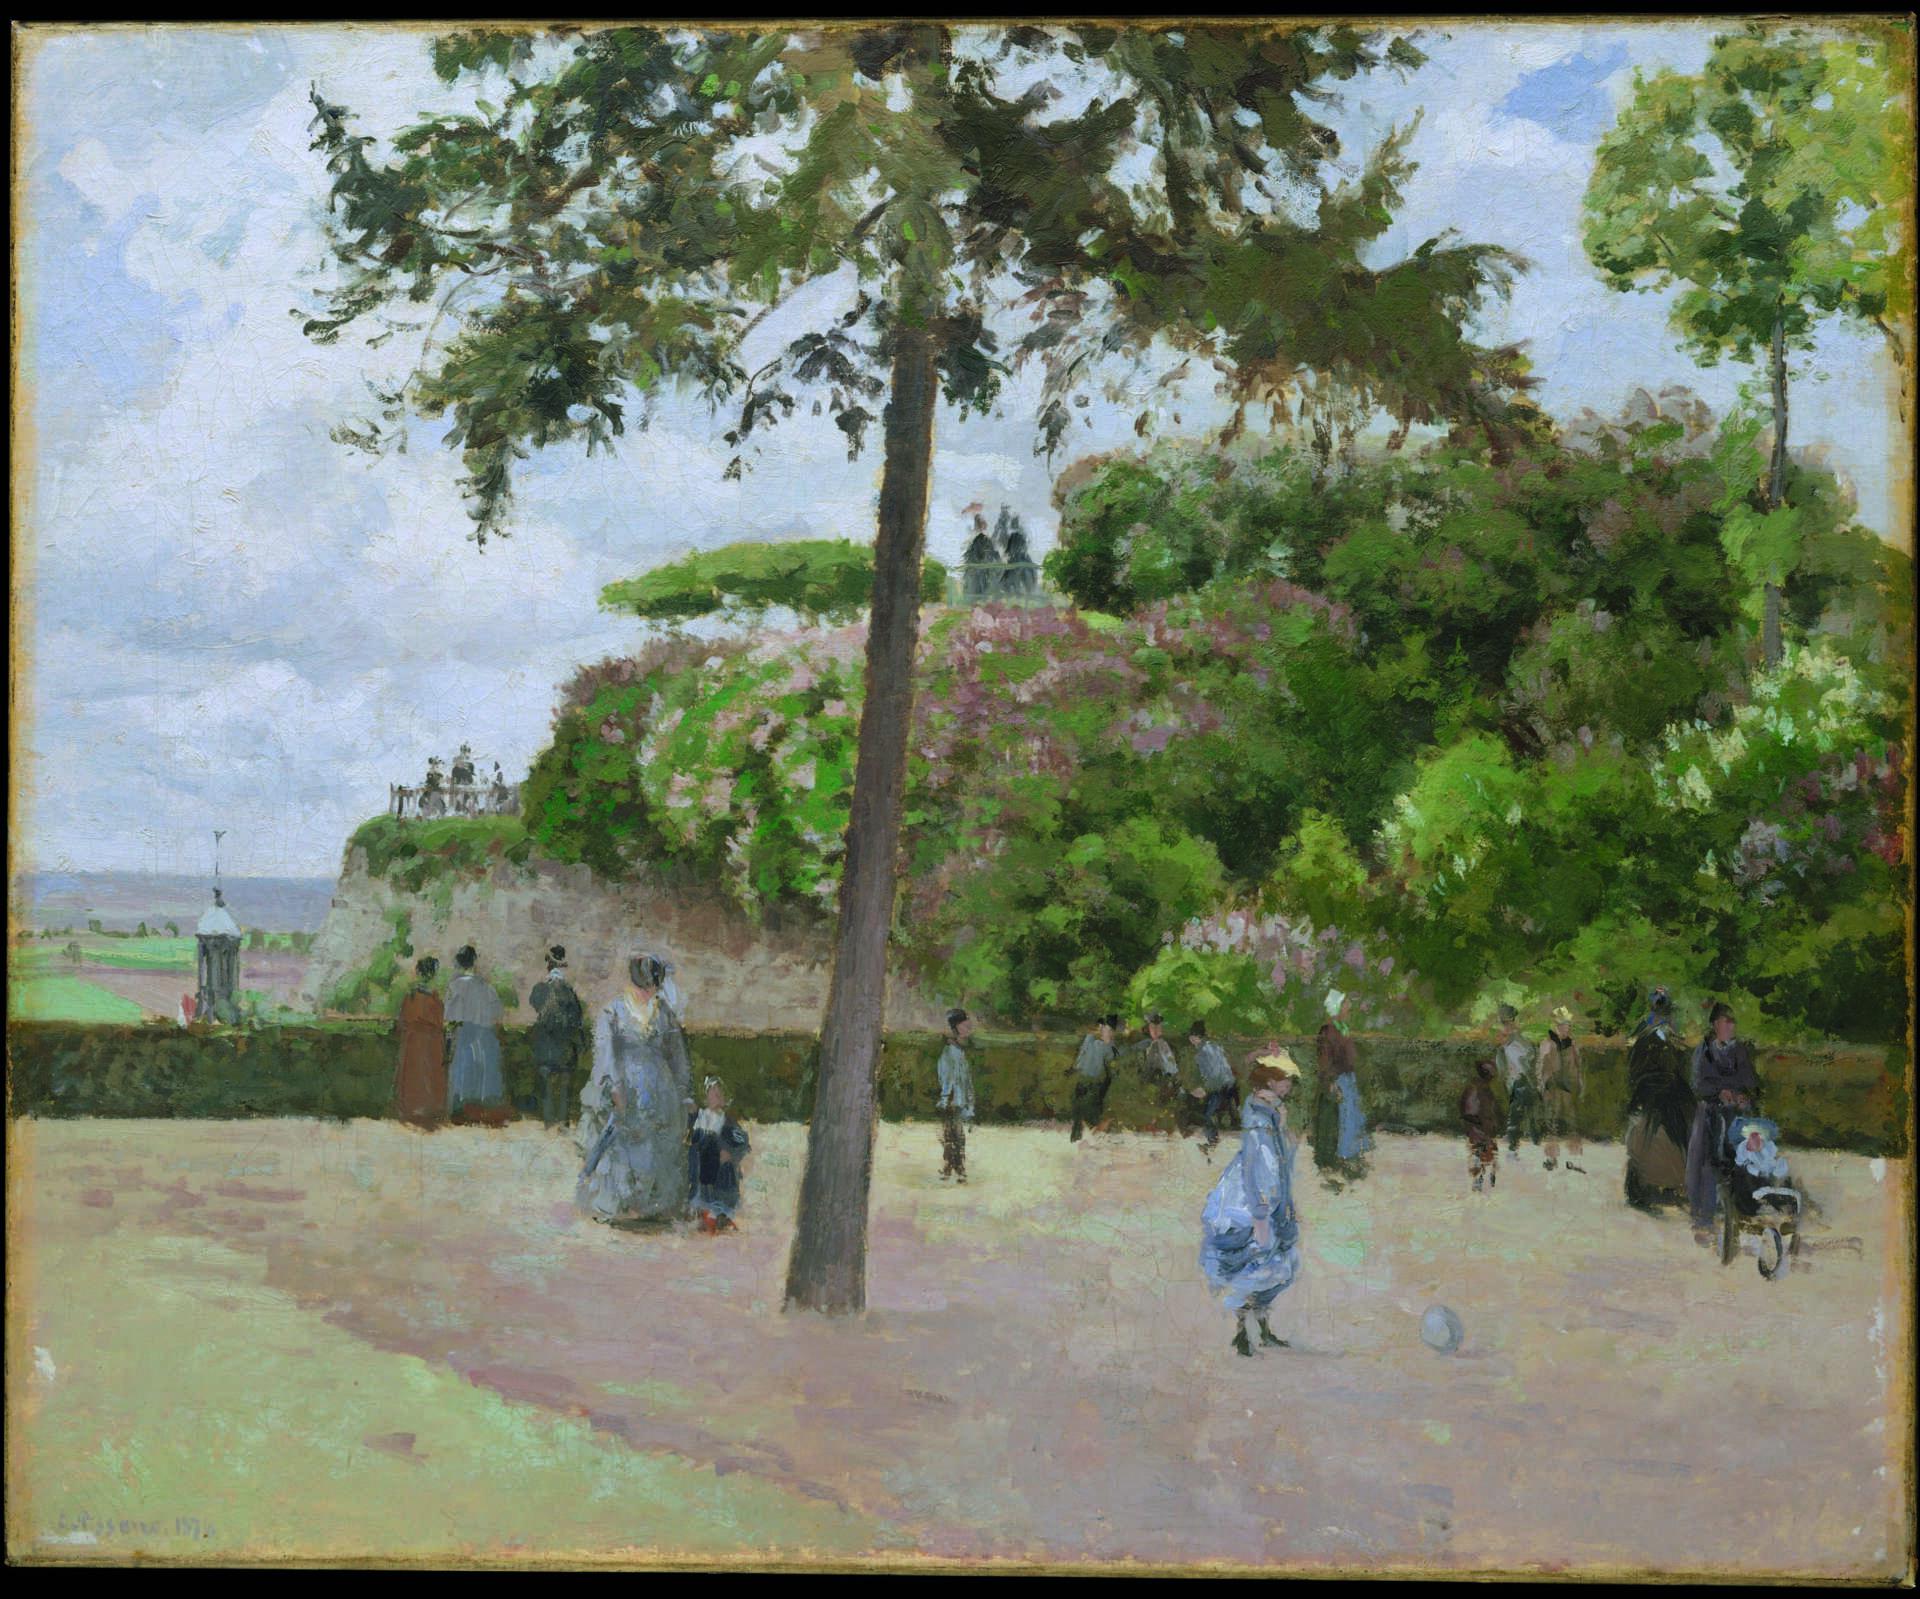 Balades impressionnistes à Pontoise, Camille Pissarro, Le Jardin de la ville de Pontoise © The Metropolitan Museum of Art, New York